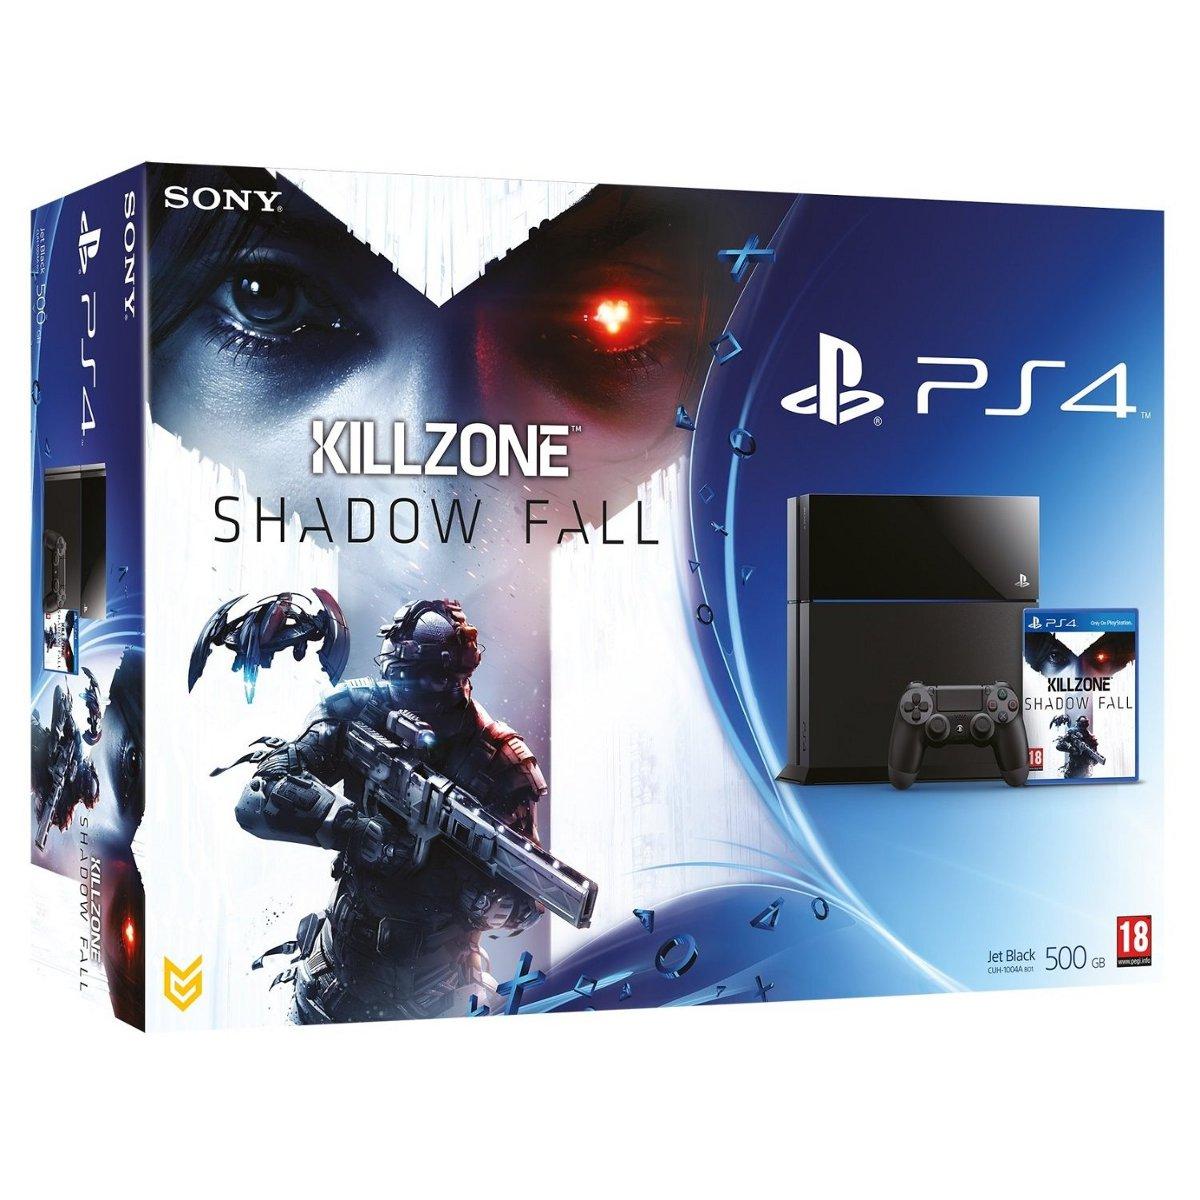 Console PS4 Sony PlayStation 4 + Killzone: Shadow Fall Console de jeux-vidéo nouvelle génération avec disque dur 500 Go + jeu